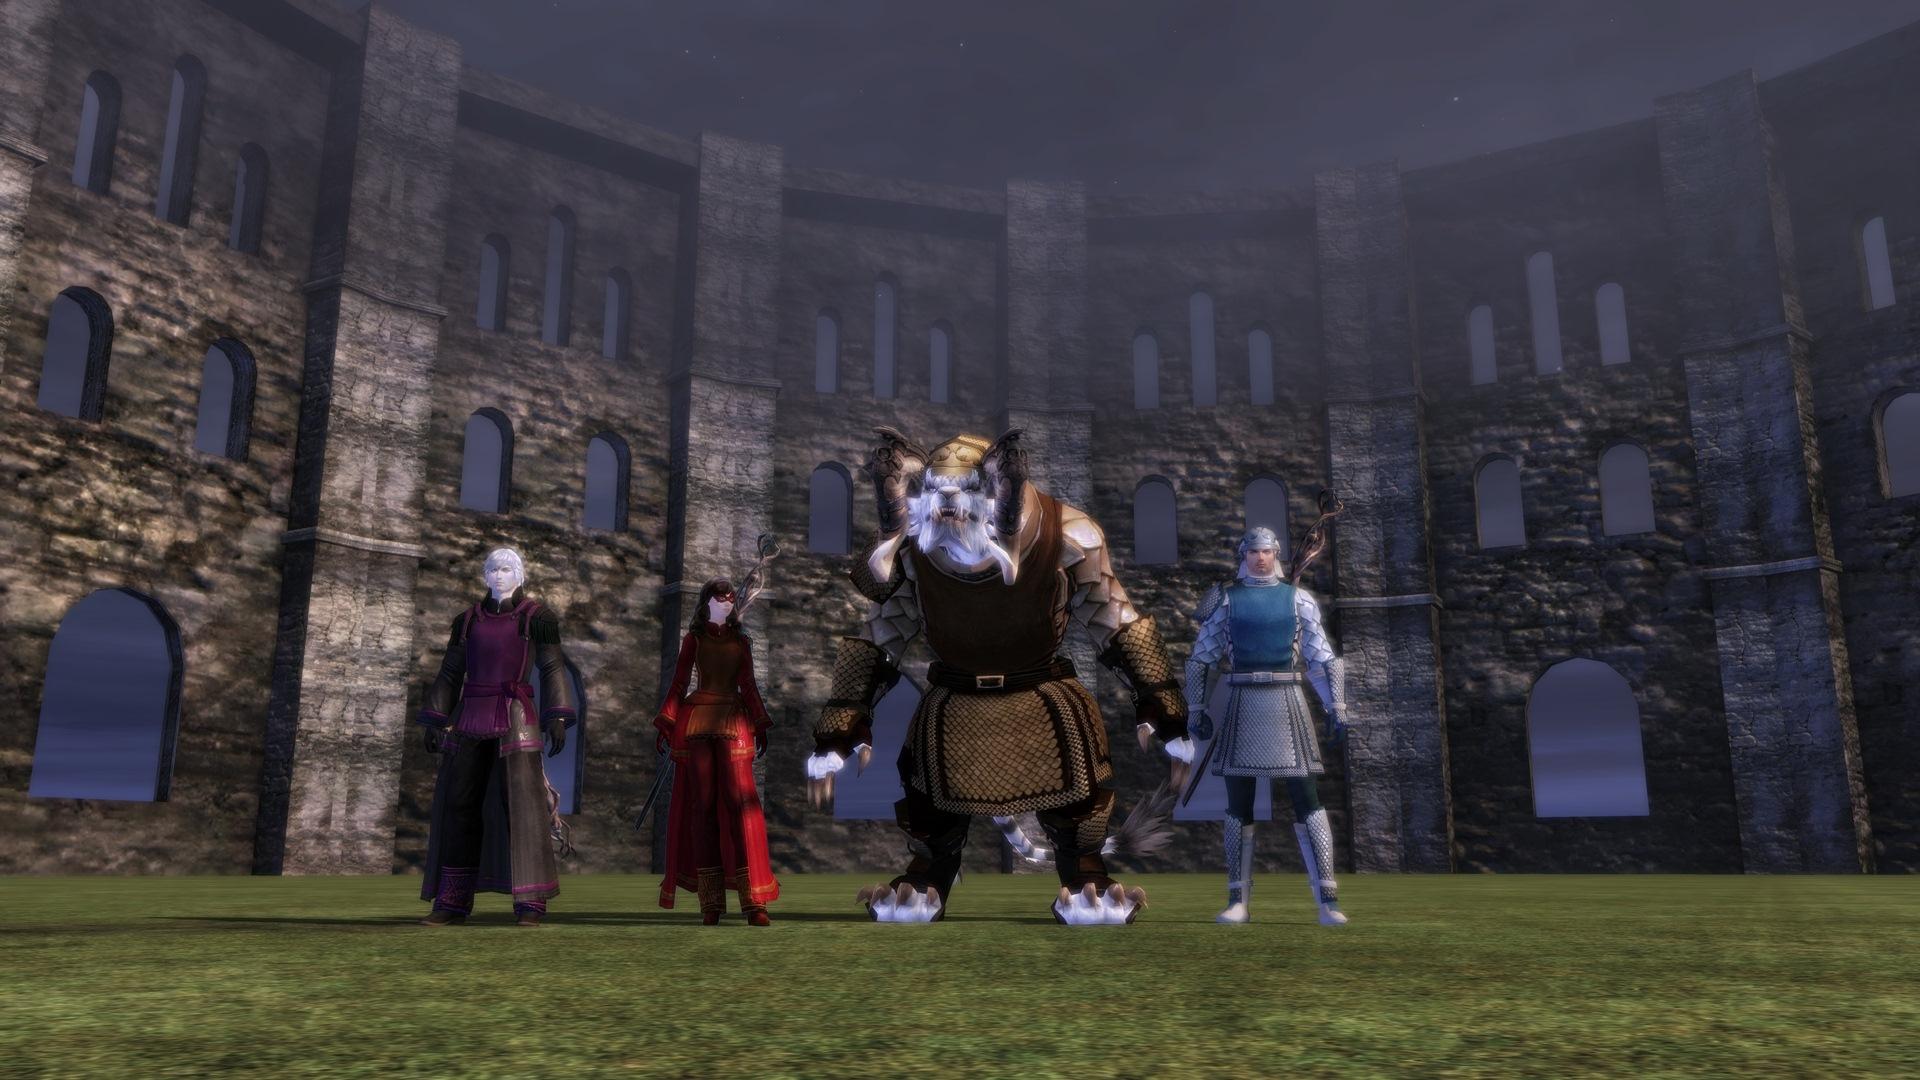 fairy-killer games link deleted videomedia wars guild